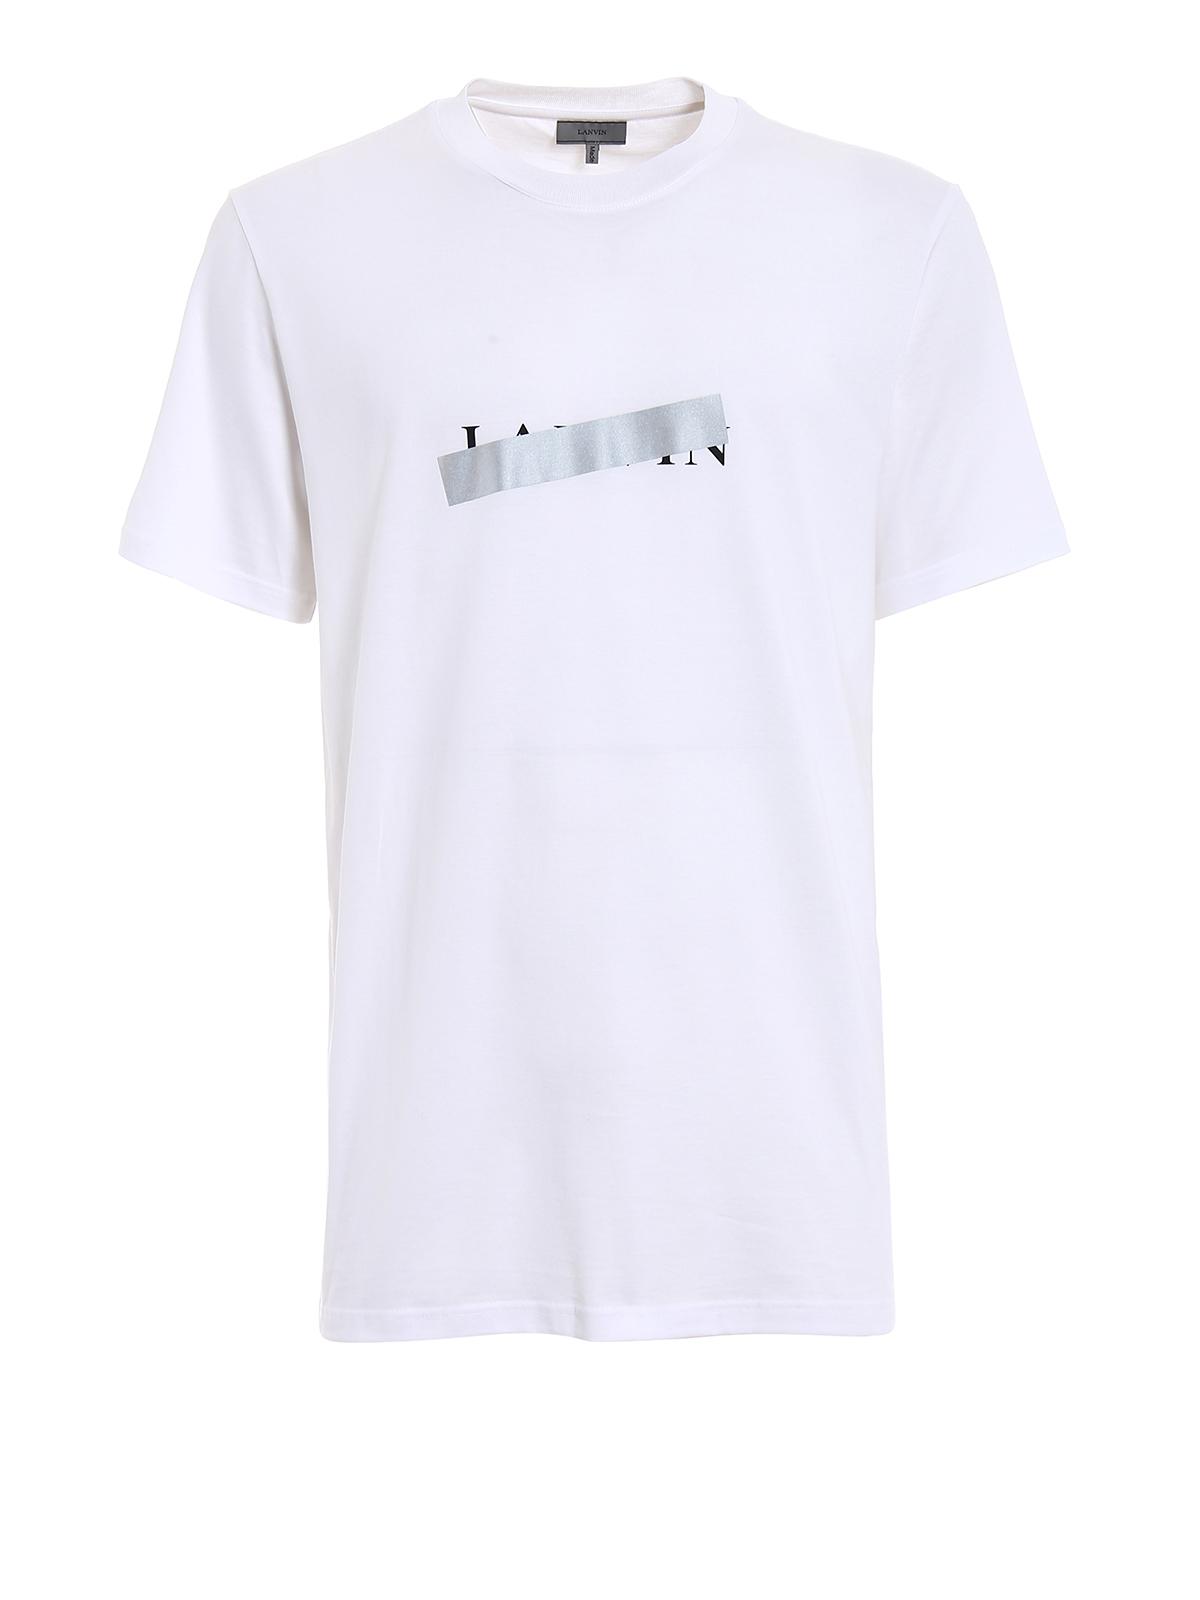 lanvin logo white tshirt by lanvin tshirts ikrix